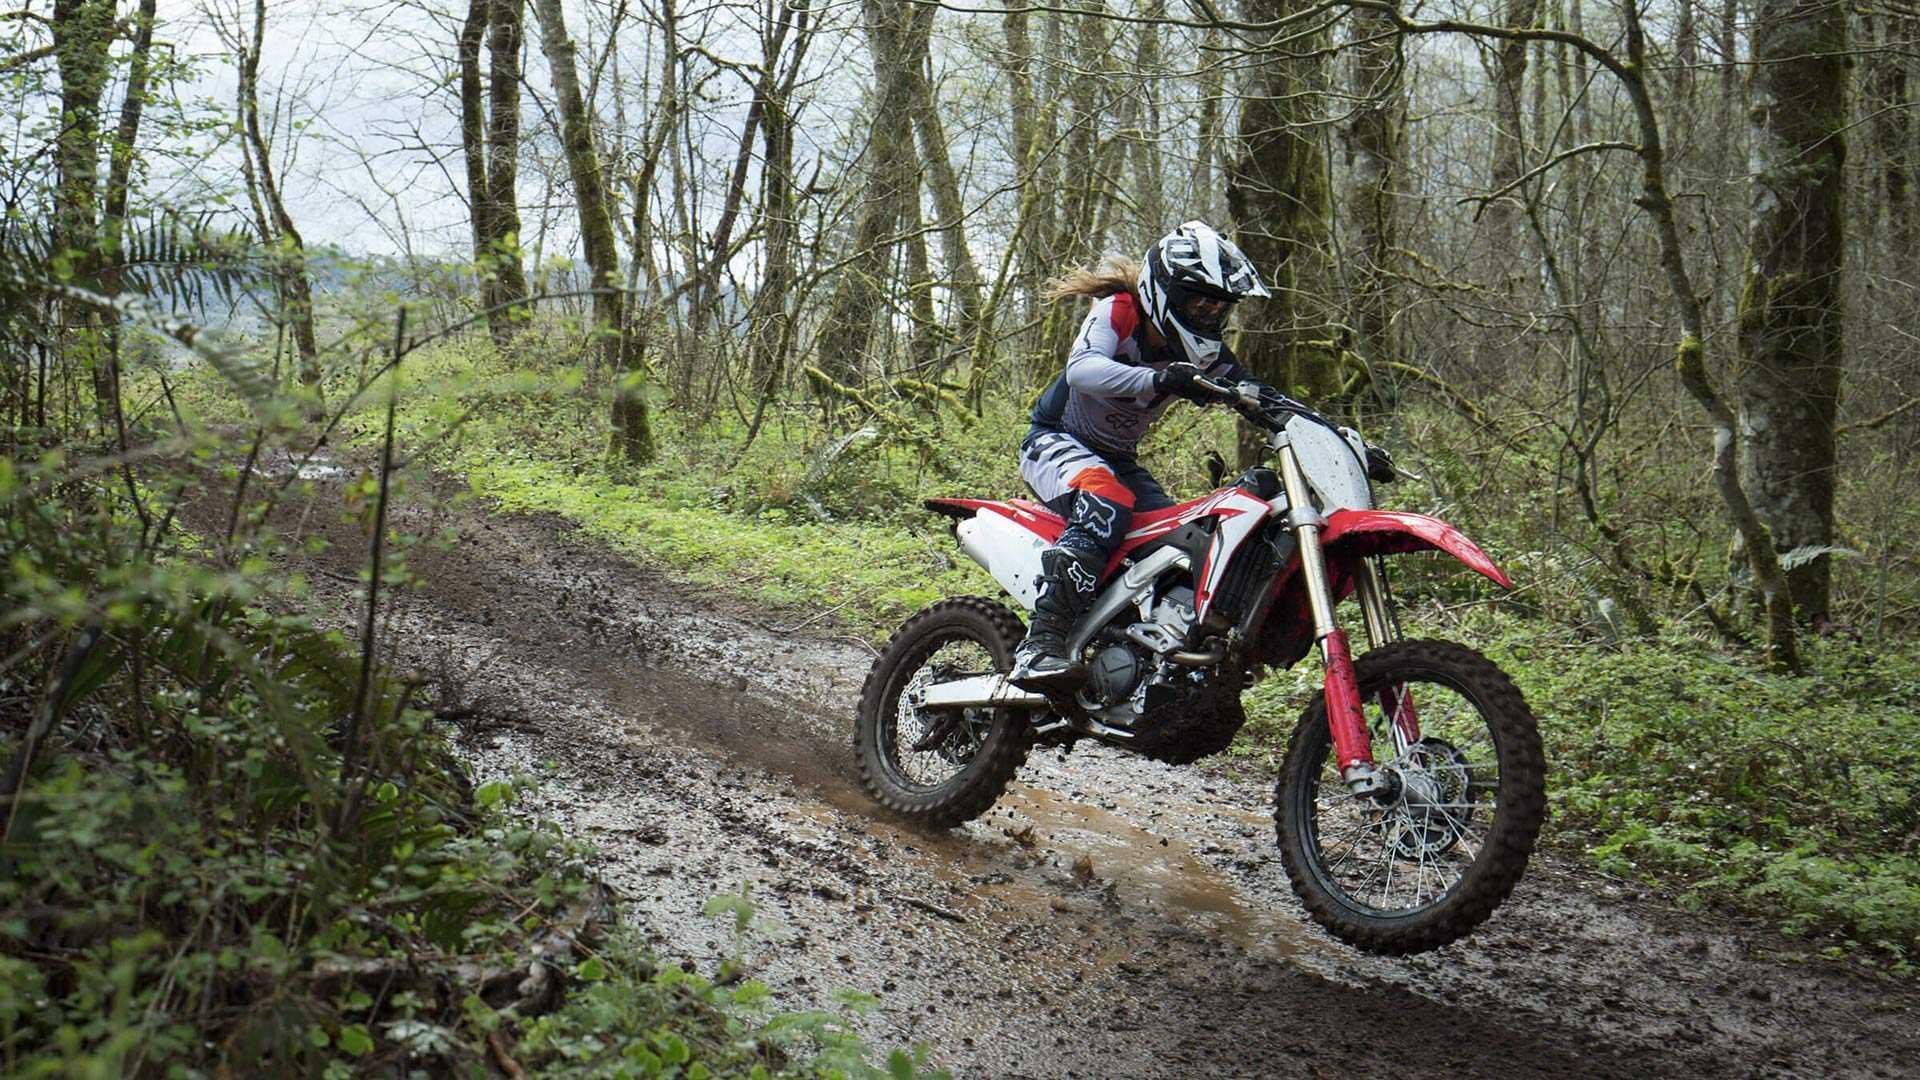 2021 CFR Dirt bike: Dàn cào cào chất lượng của Honda chuẩn bị lên kệ